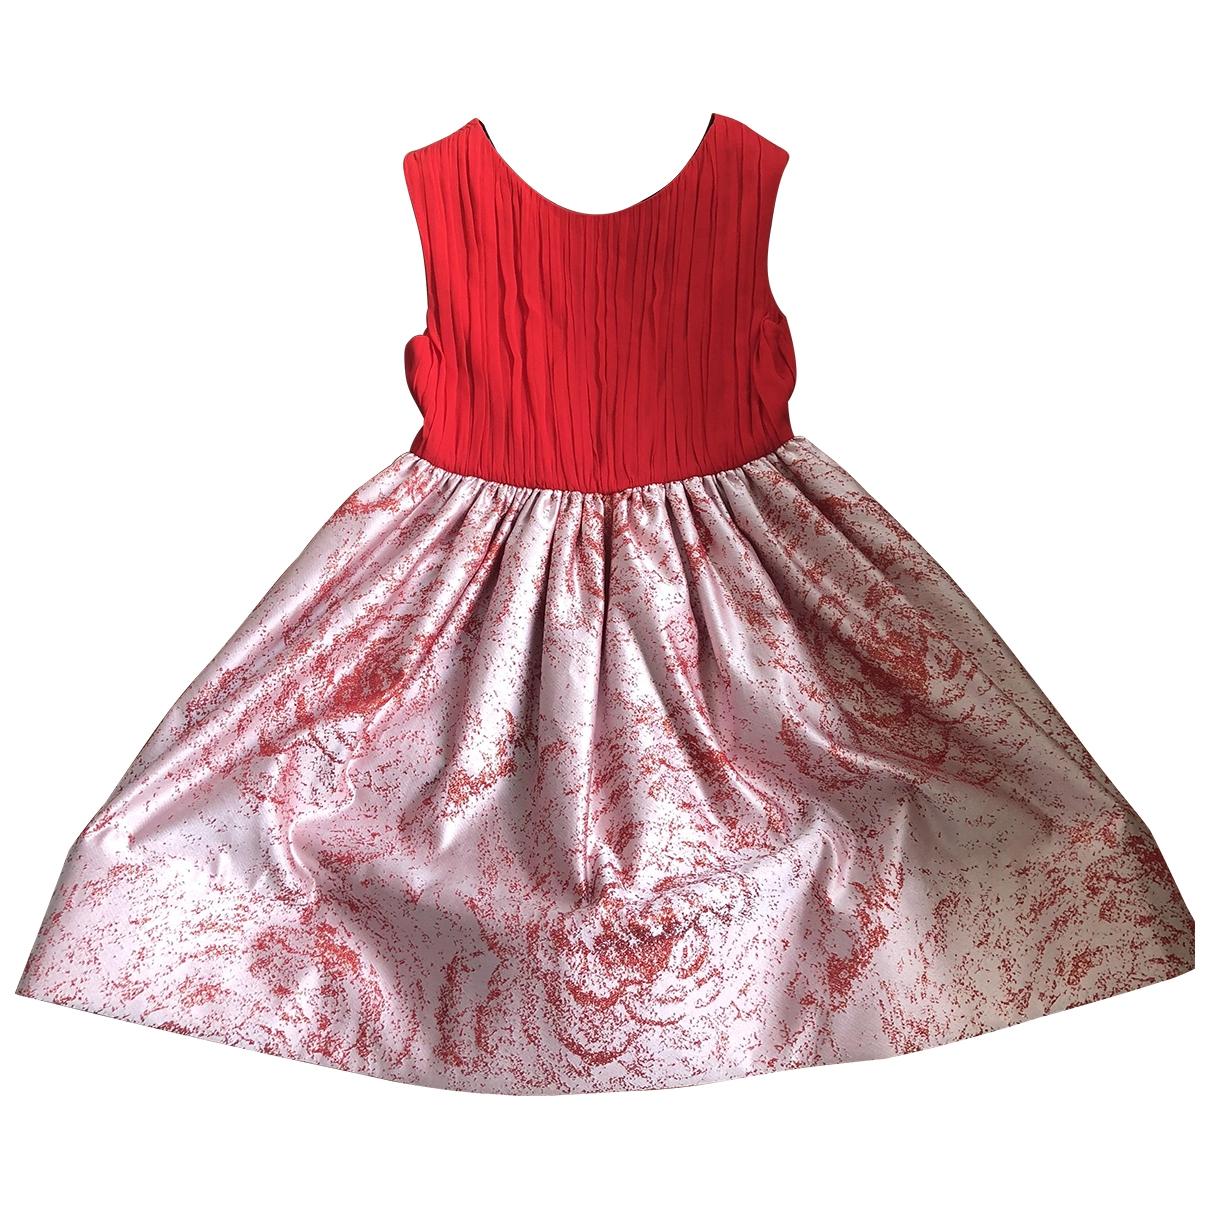 Alice & Olivia \N Kleid in  Rot Seide